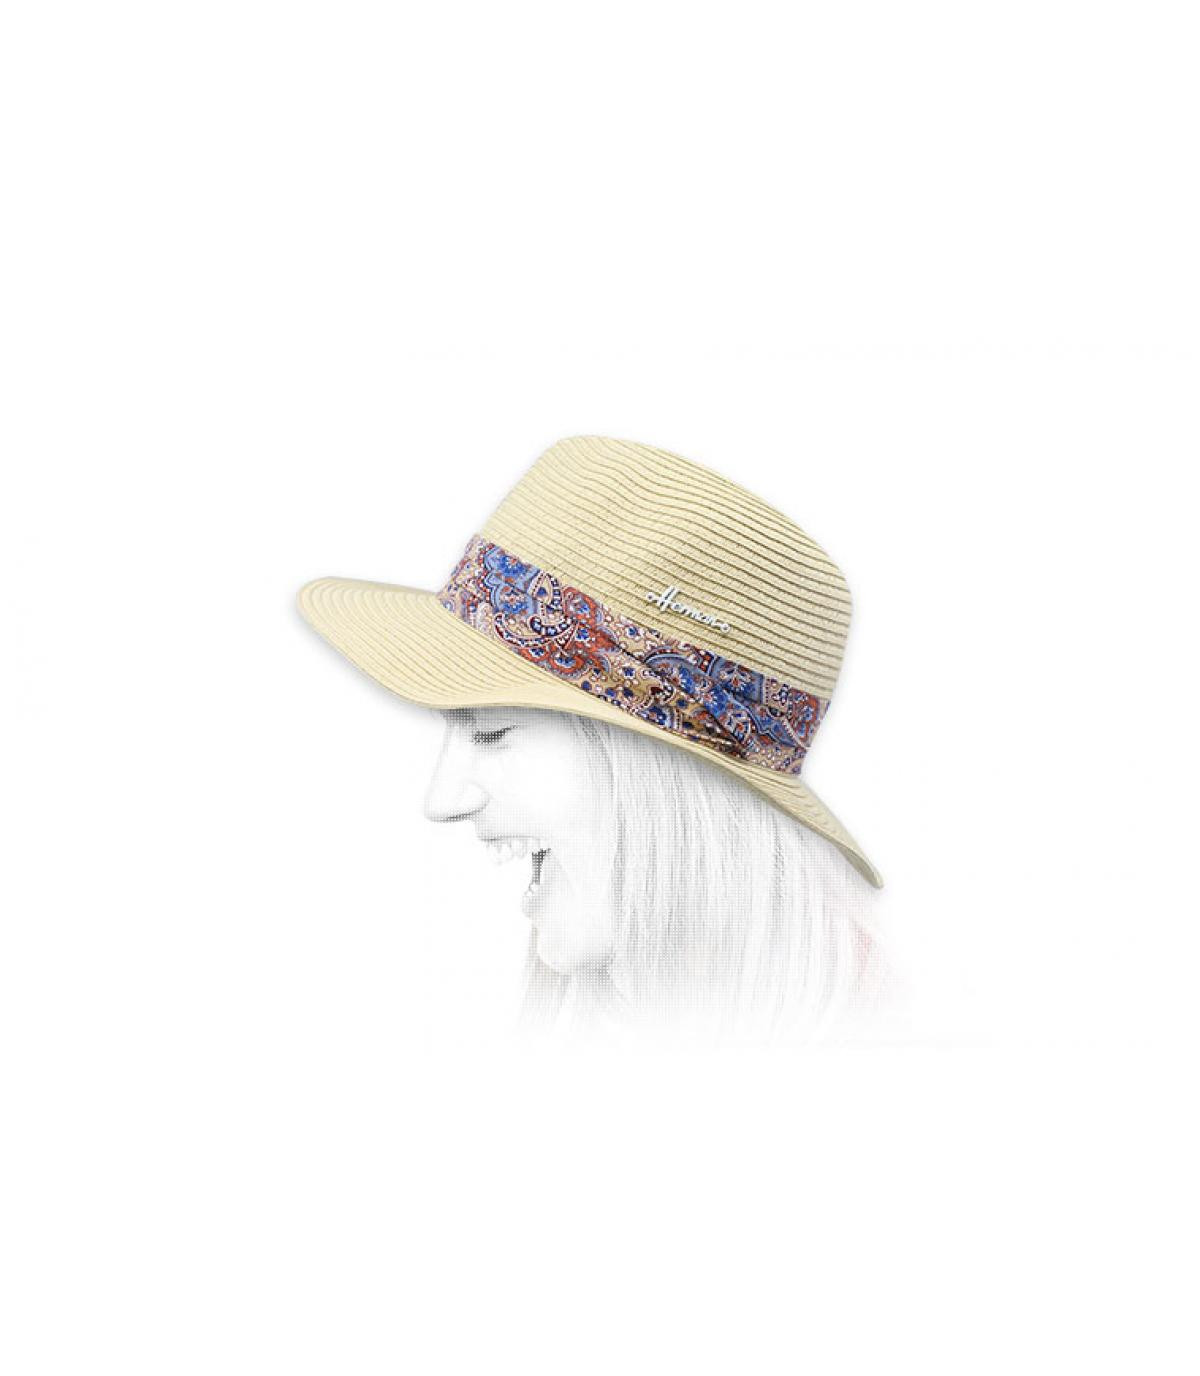 Cappello di paglia bianco